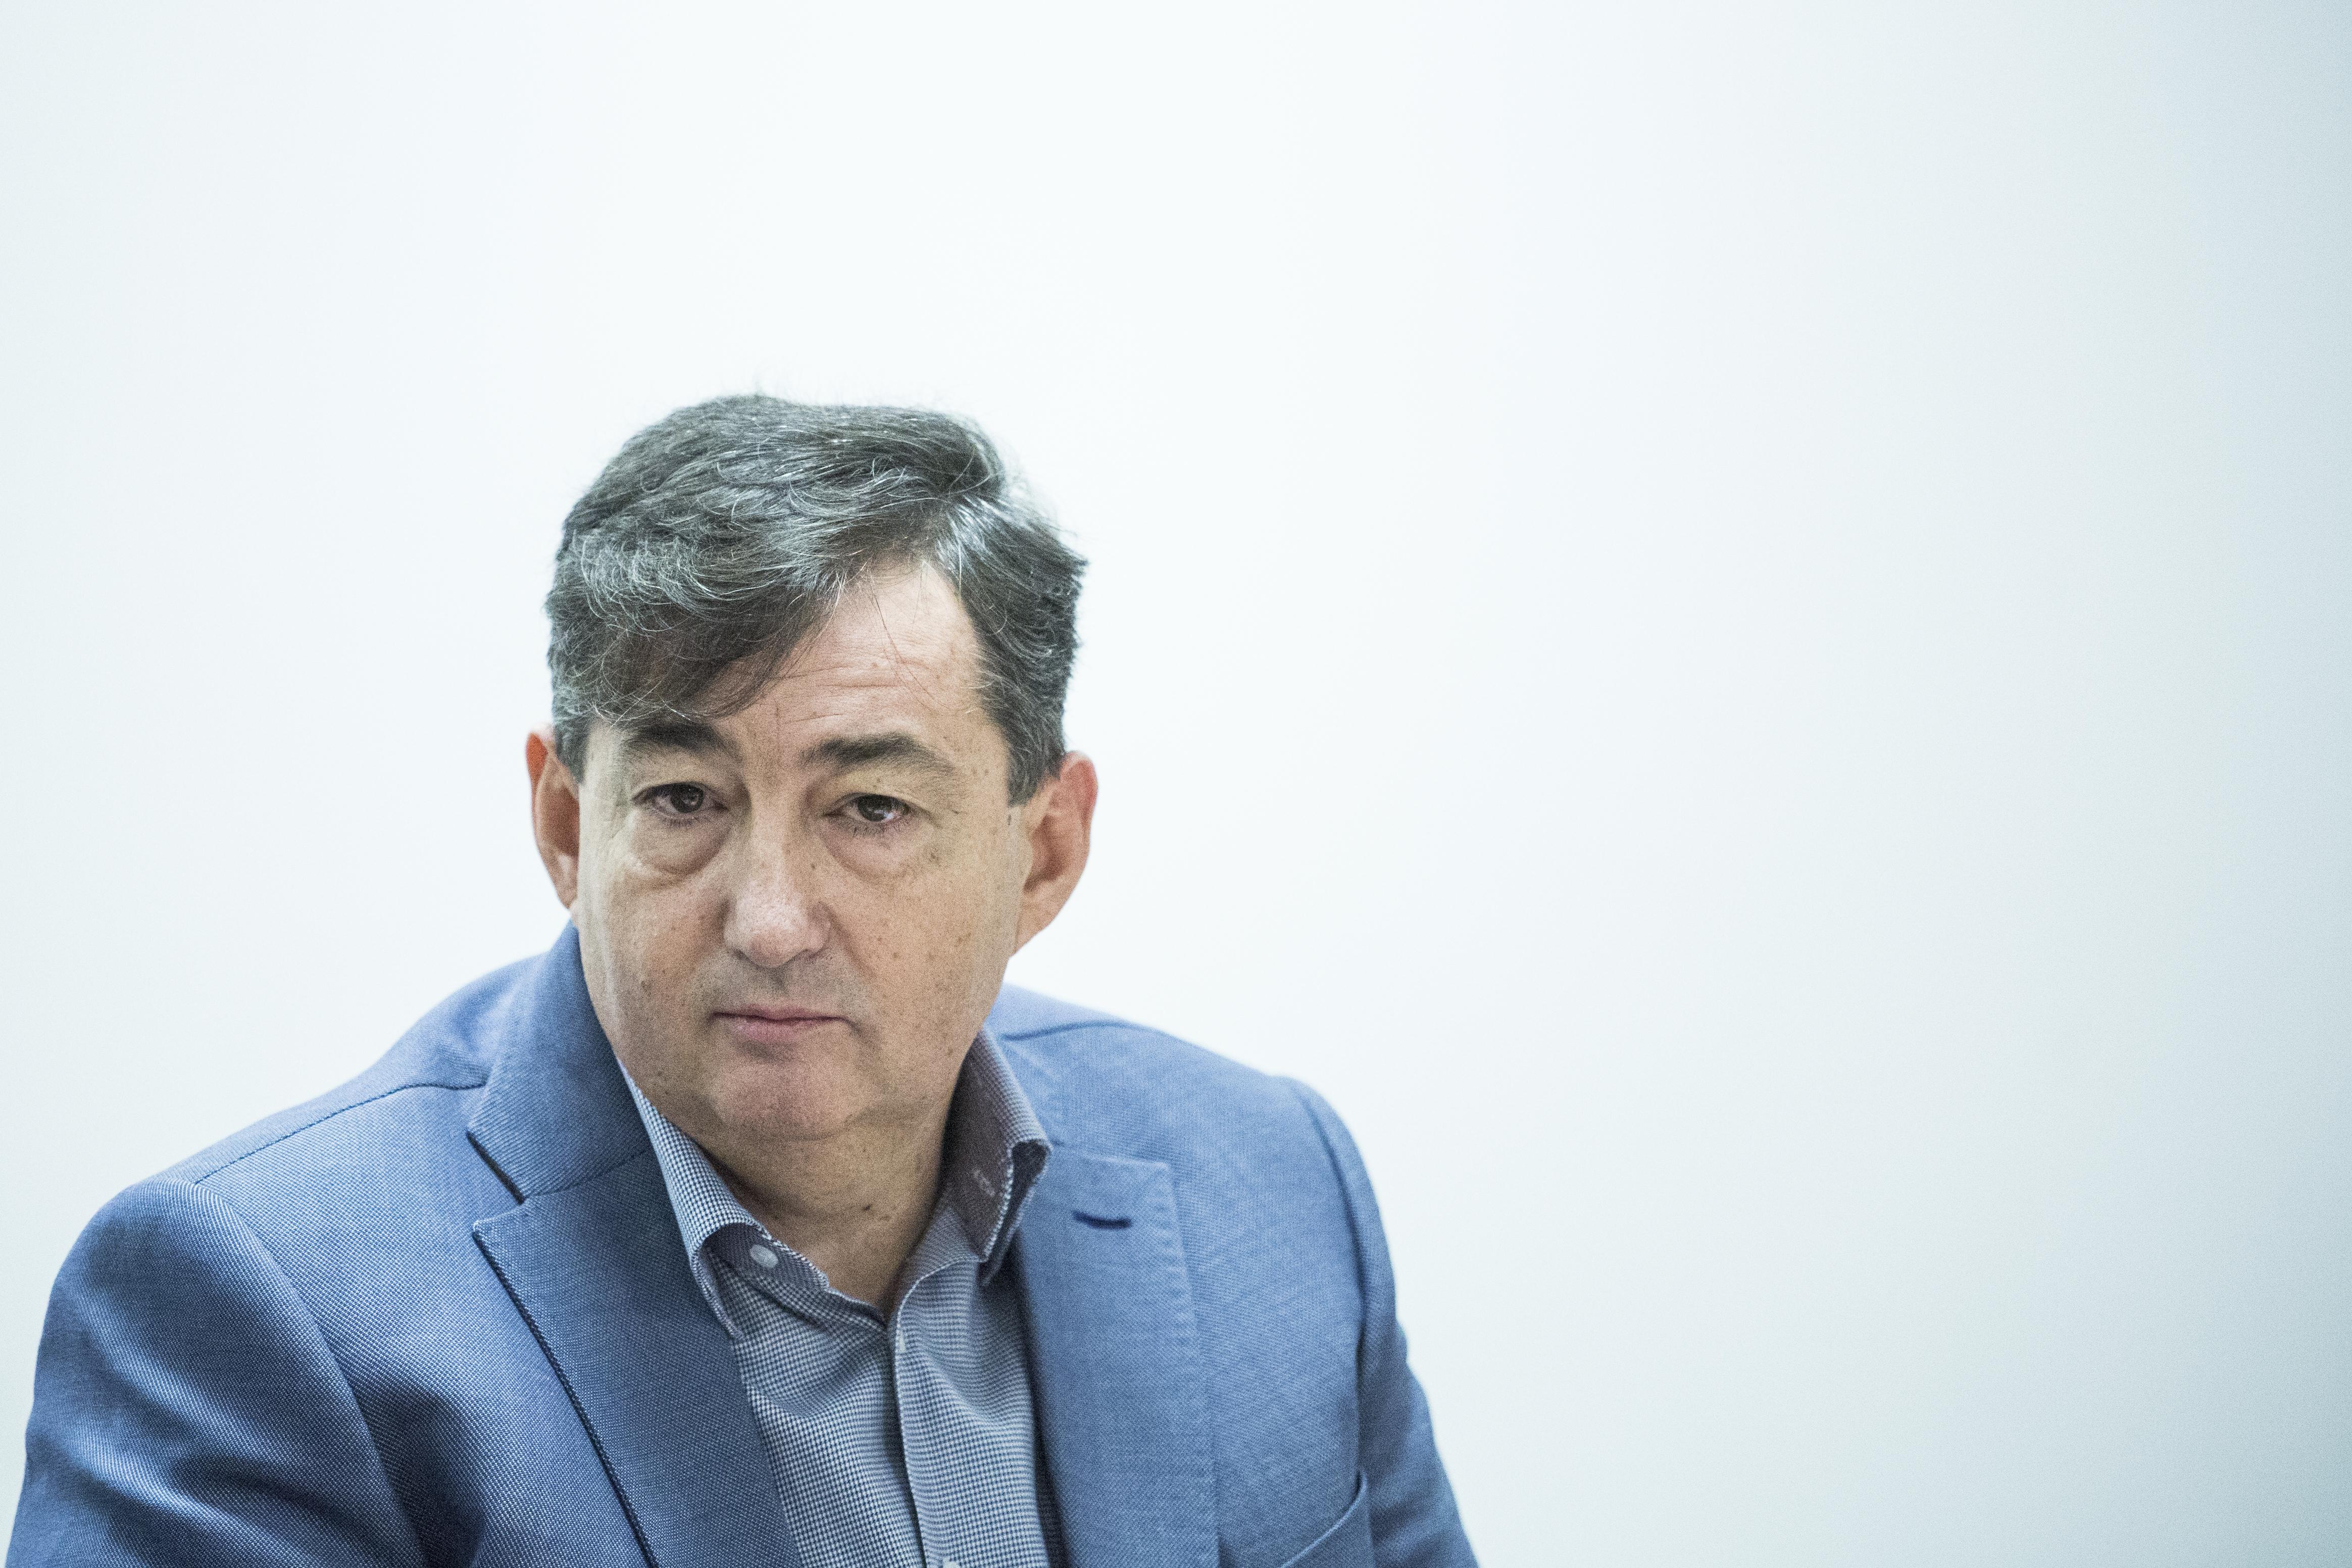 Új vezérigazgató került az Appeninn Holding élére